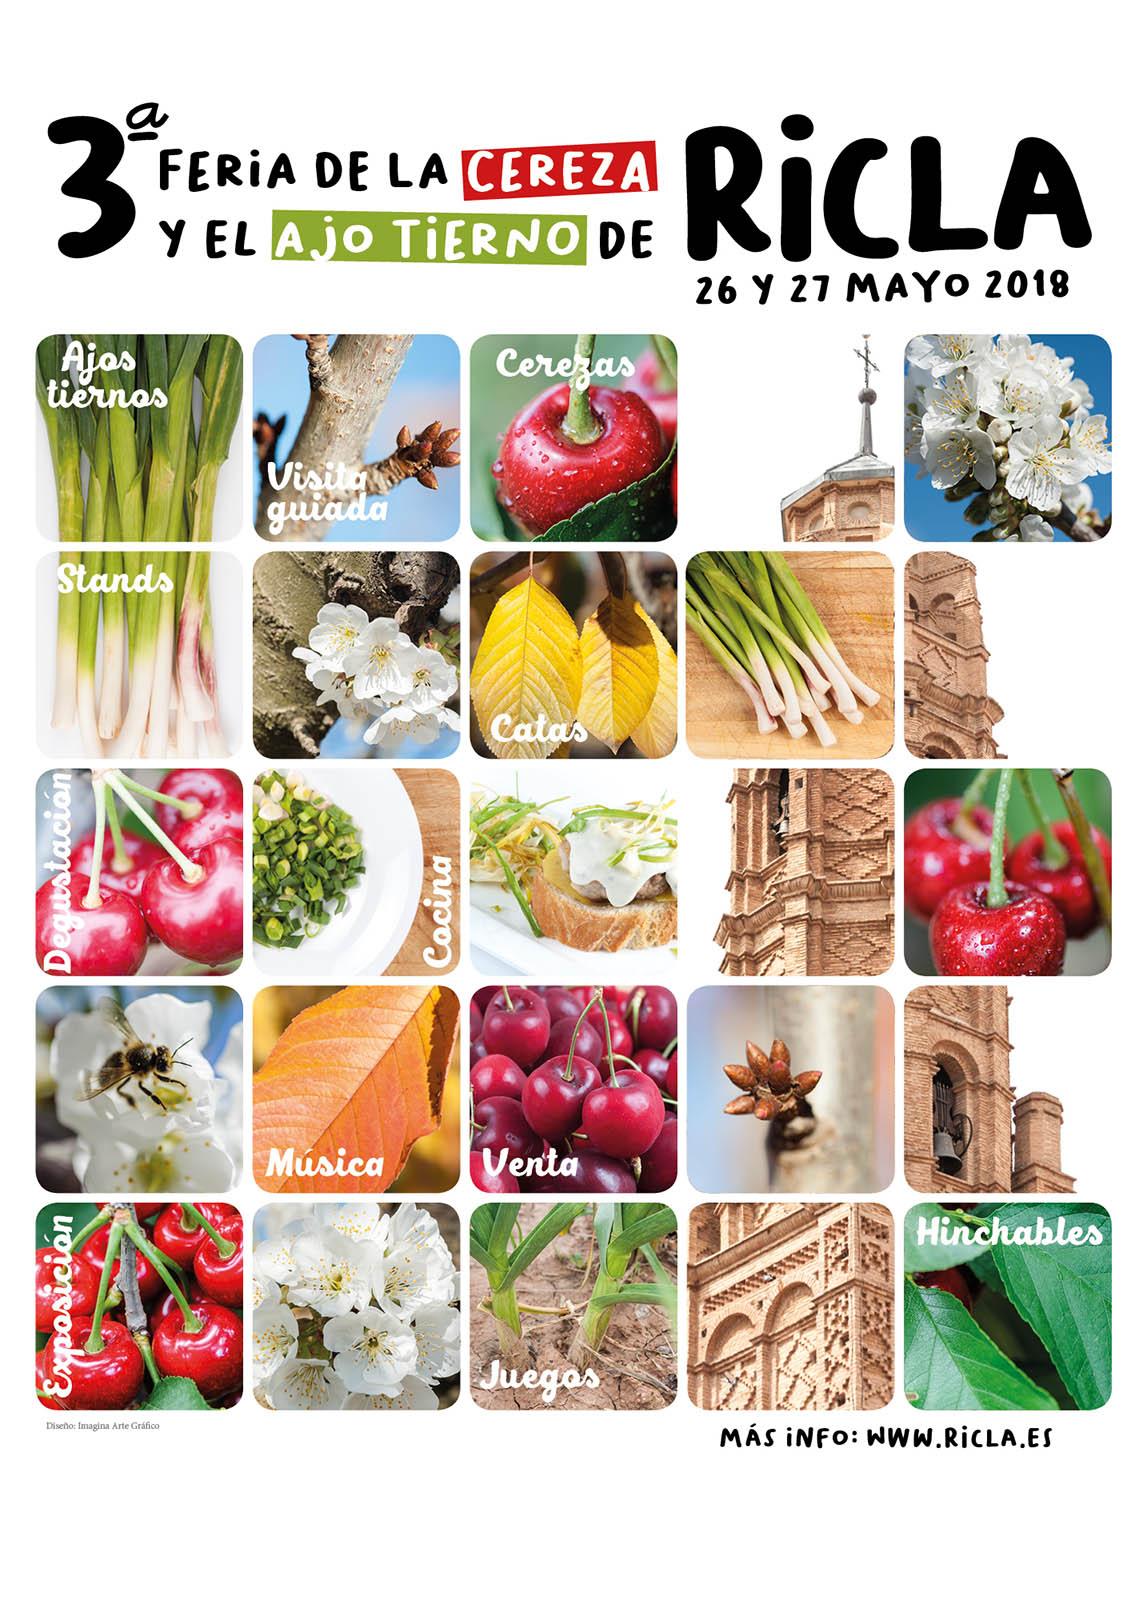 Publicidad III Feria de la Cereza y el Ajo tierno de Ricla